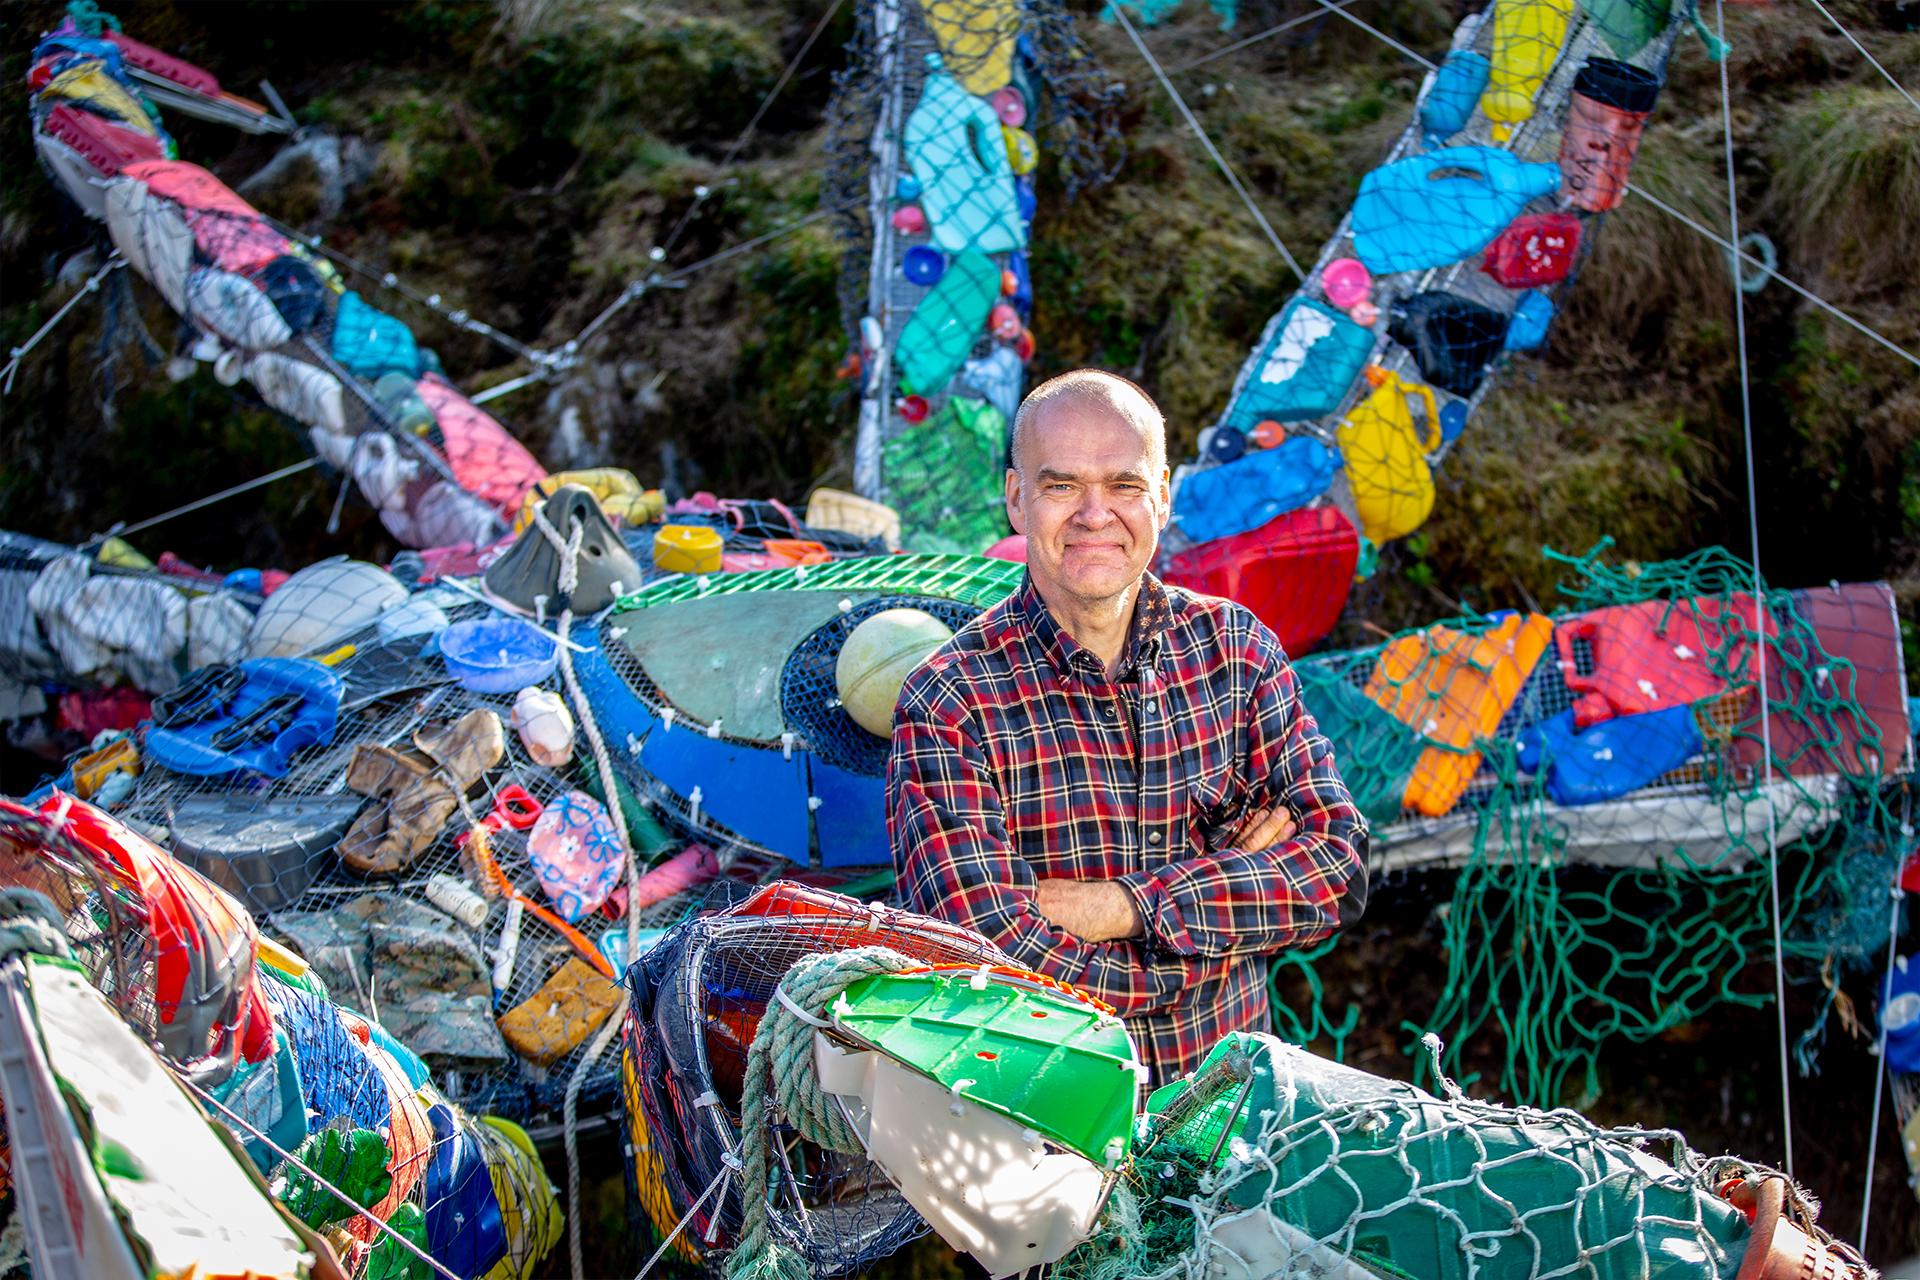 Kunstner Eirik Audunson Skaar ved plastkrabben